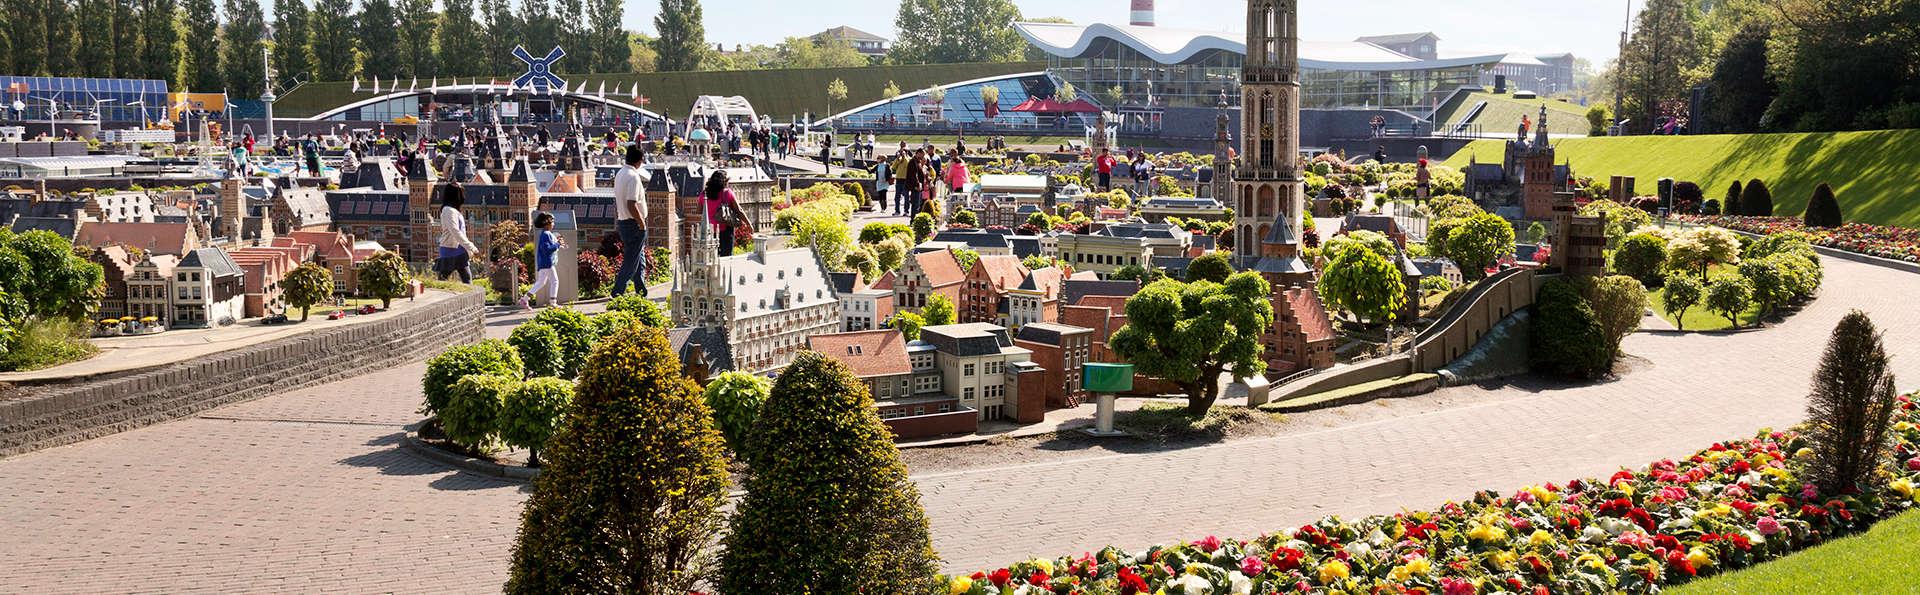 Visitez le parc miniature Madurodam et découvrez La Haye